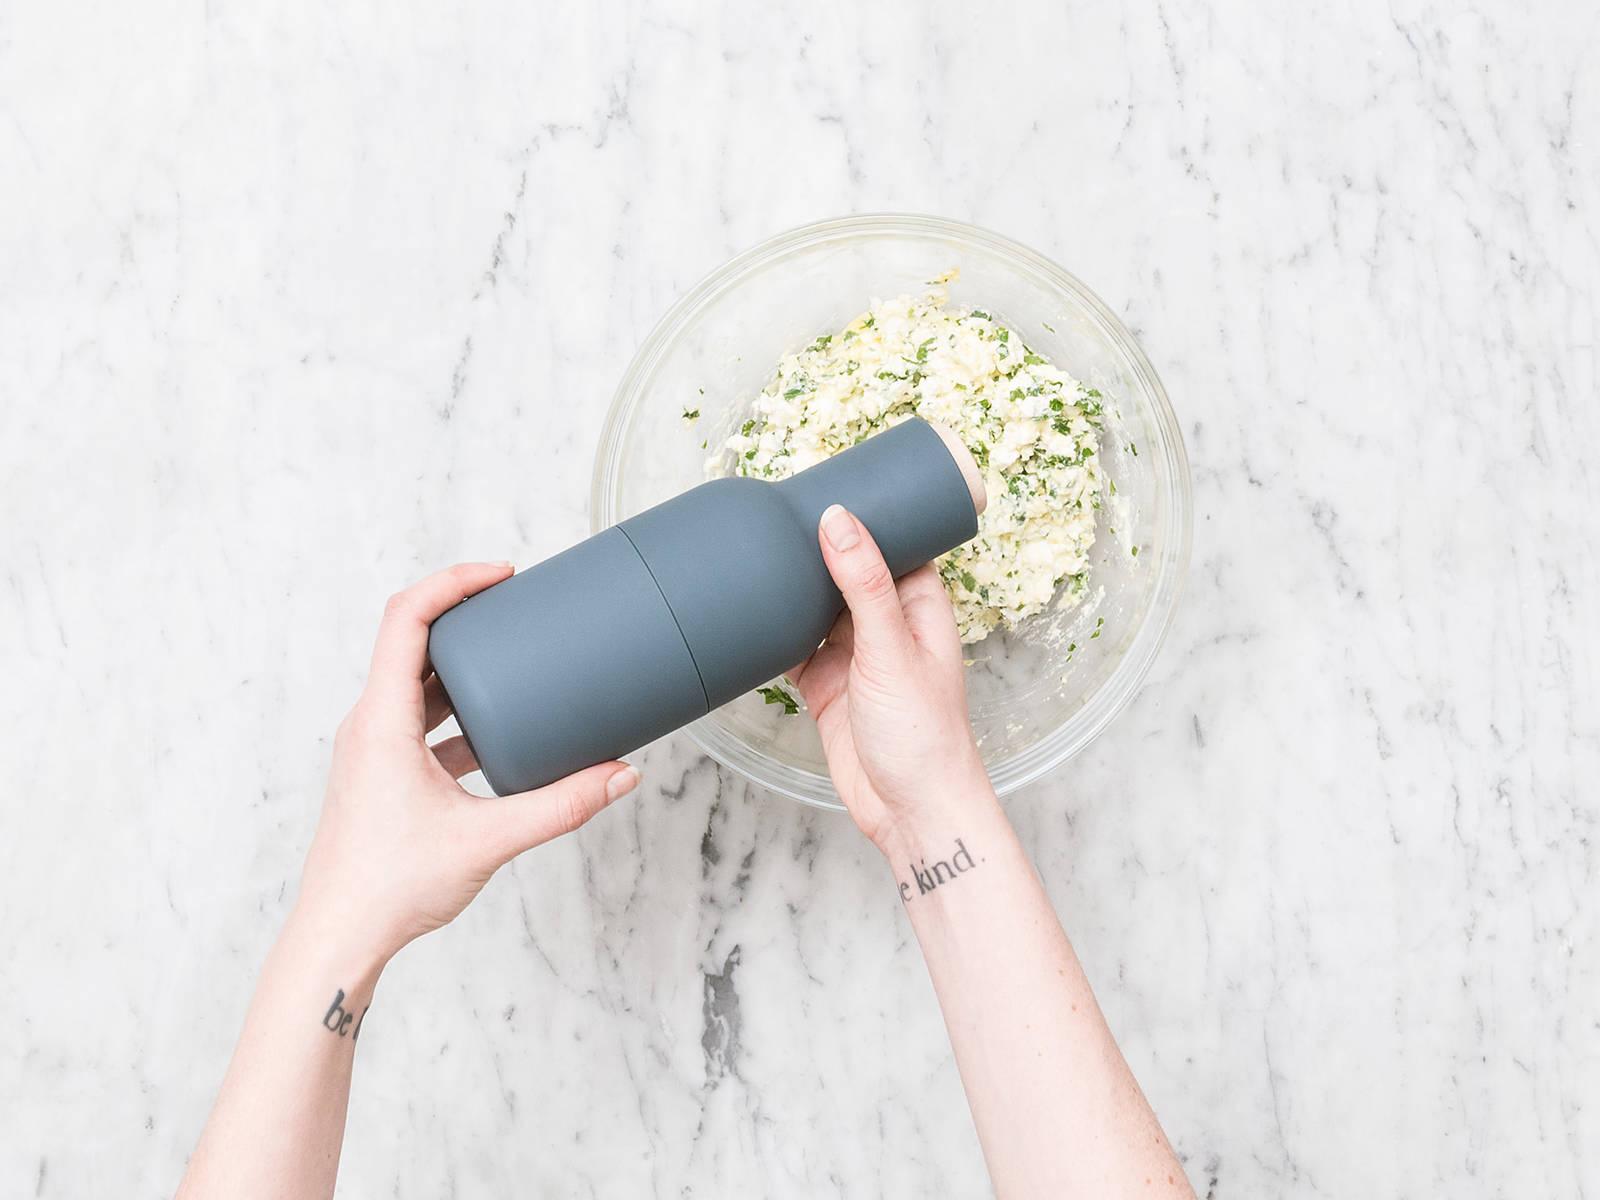 剁碎欧芹,置于一旁。用手将绵羊芝士捏碎,放入碗中。加入欧芹和鸡蛋。撒盐与胡椒调味,搅拌混合。